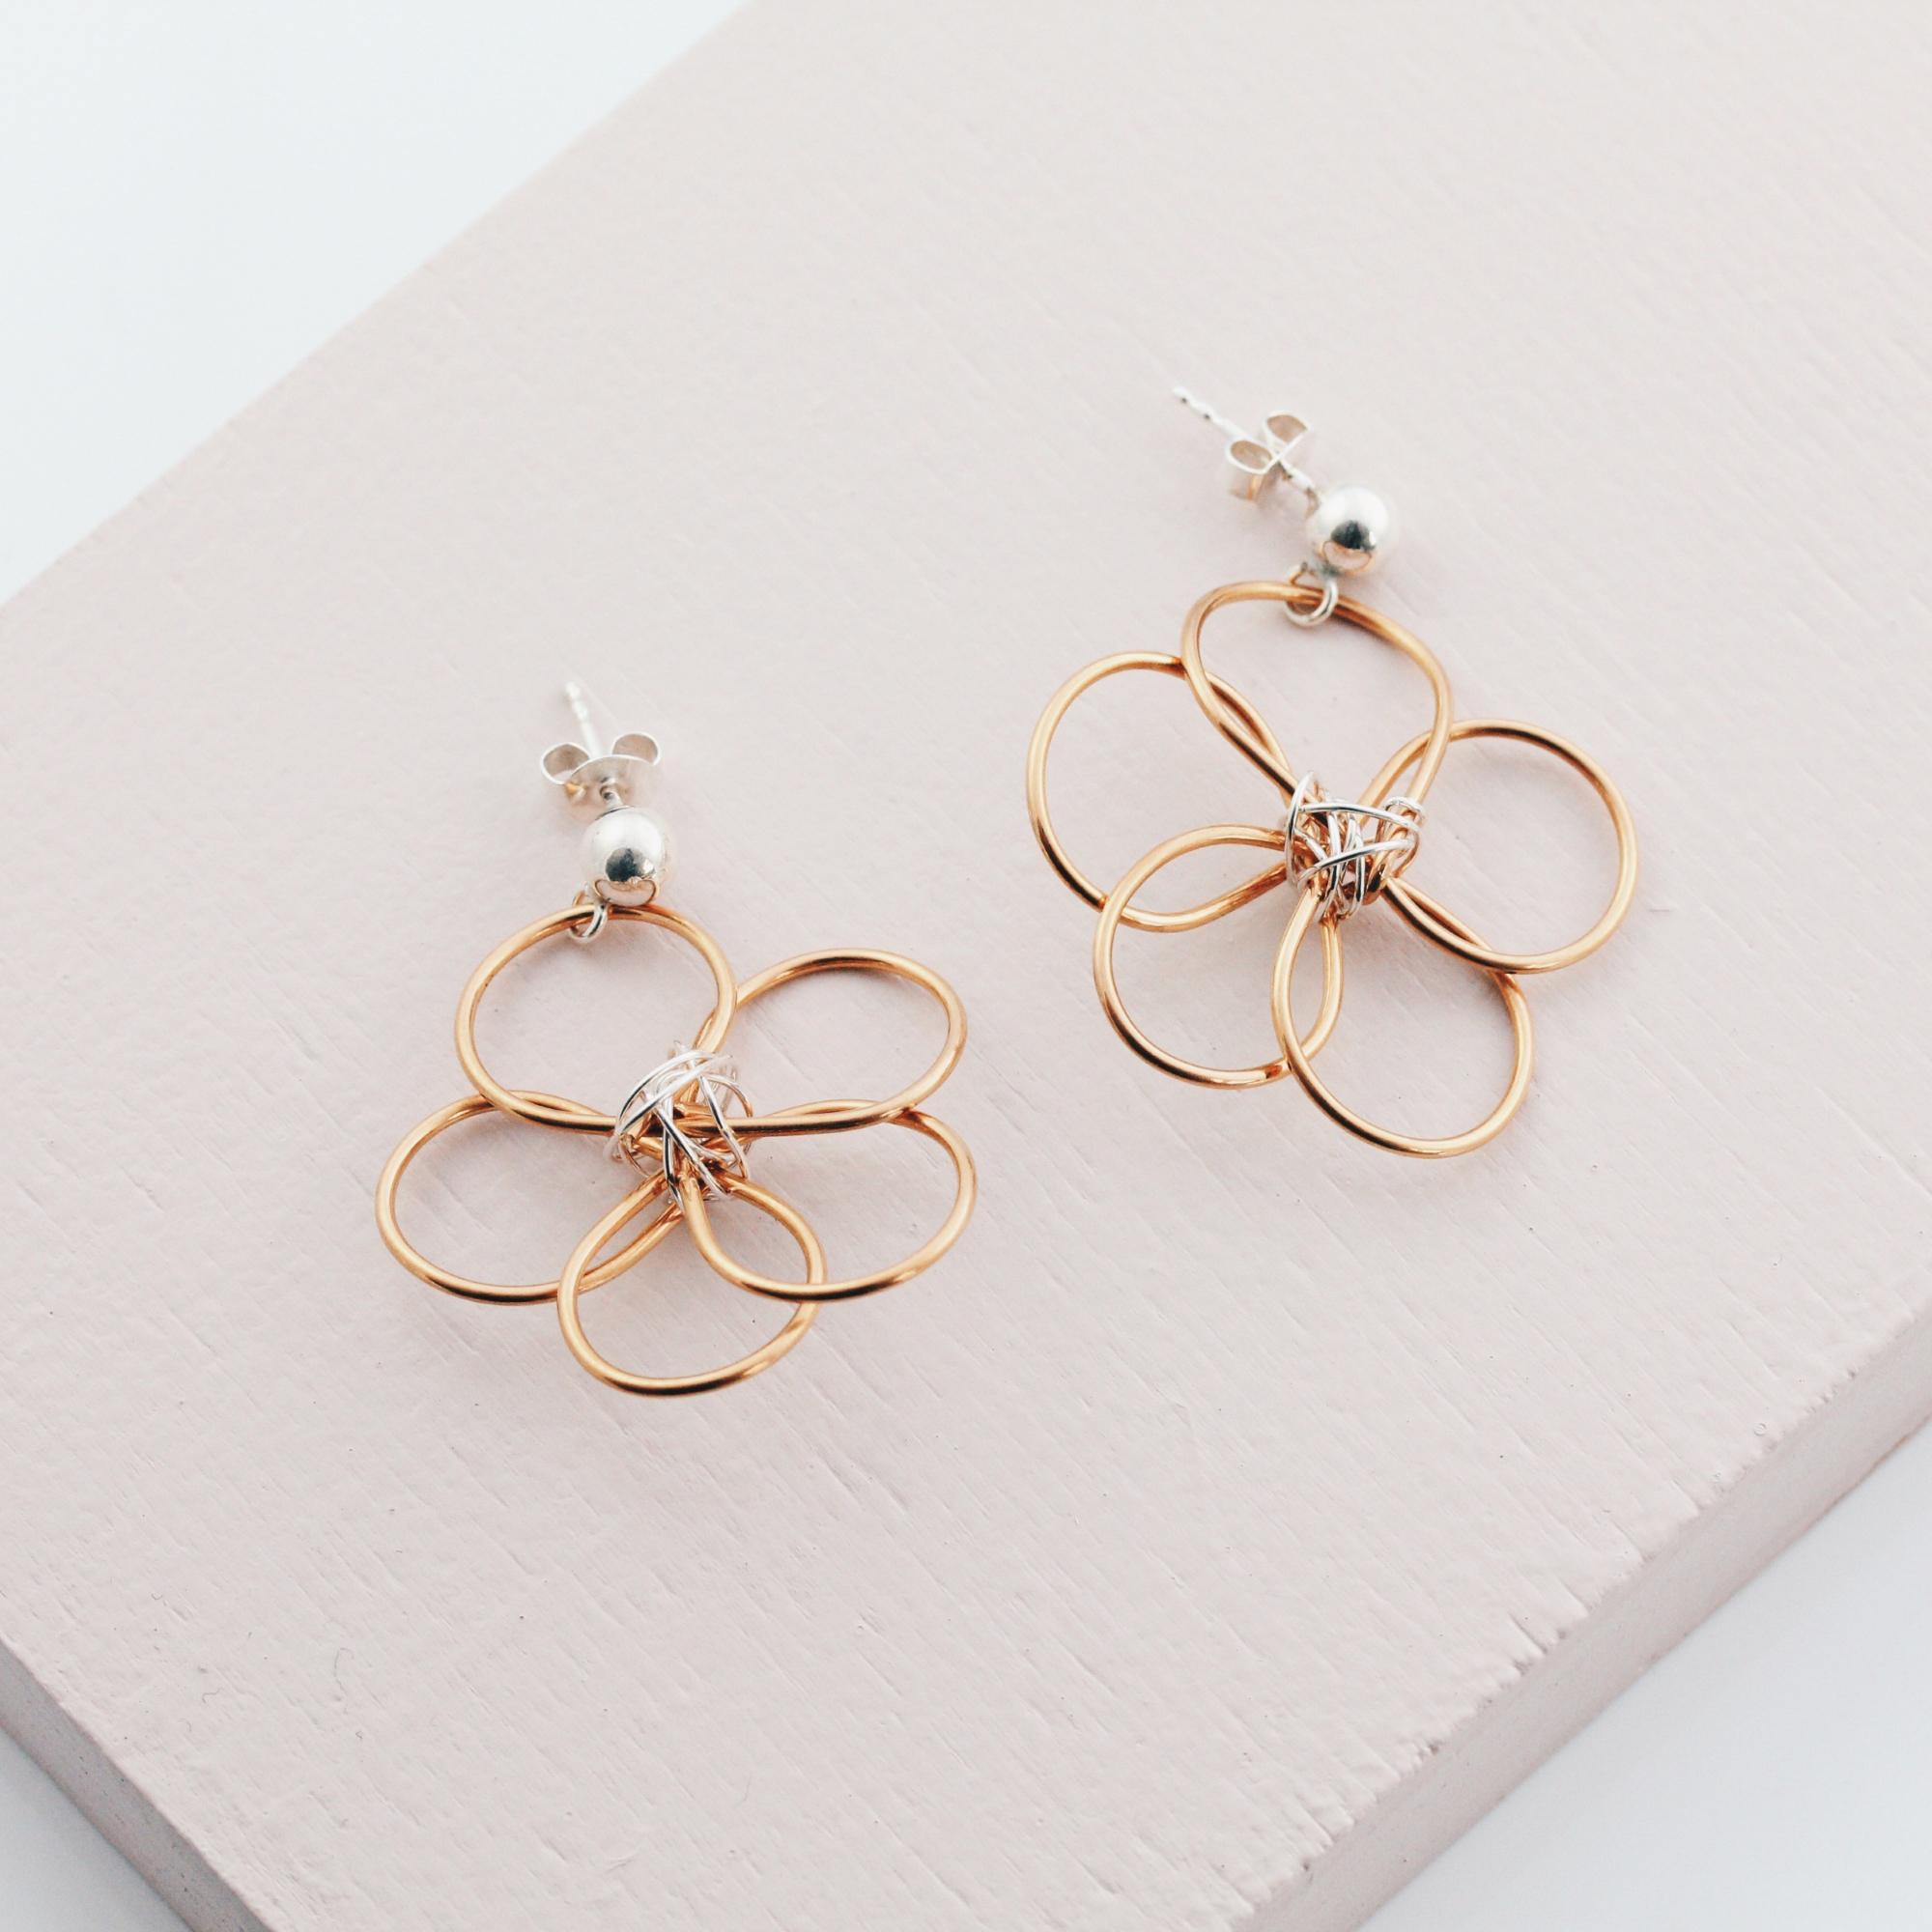 Blumen Ohrringe im modernen Design Madeleine Issing